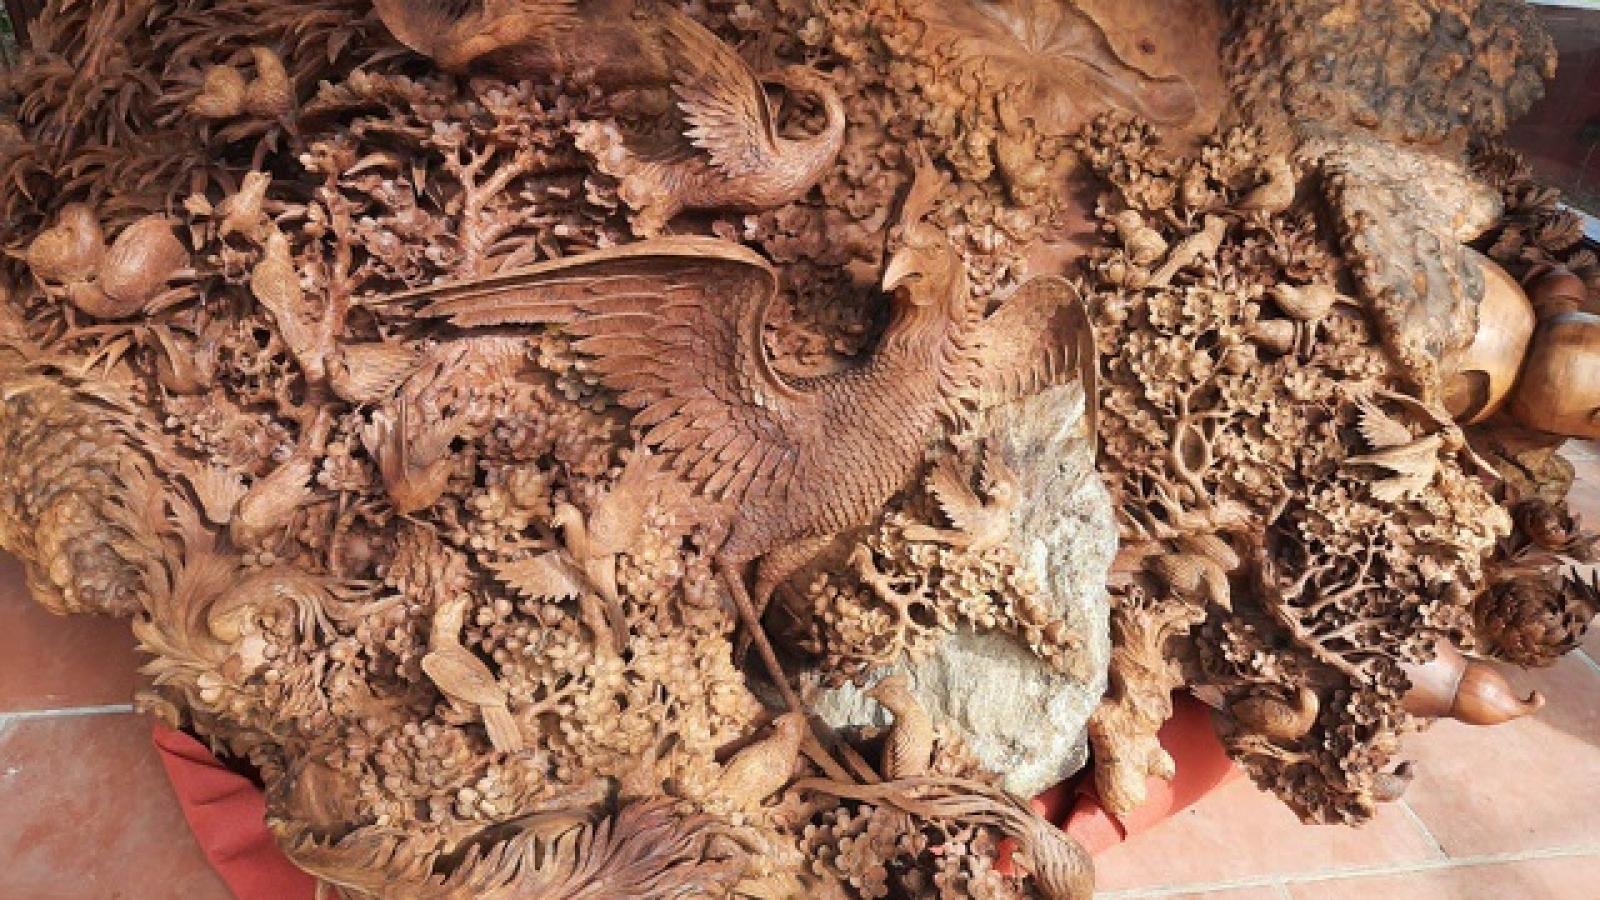 """Bình hồ lô gỗ """"siêu to khổng lồ"""" 89, nặng 6 tấn độc nhất Việt Nam"""